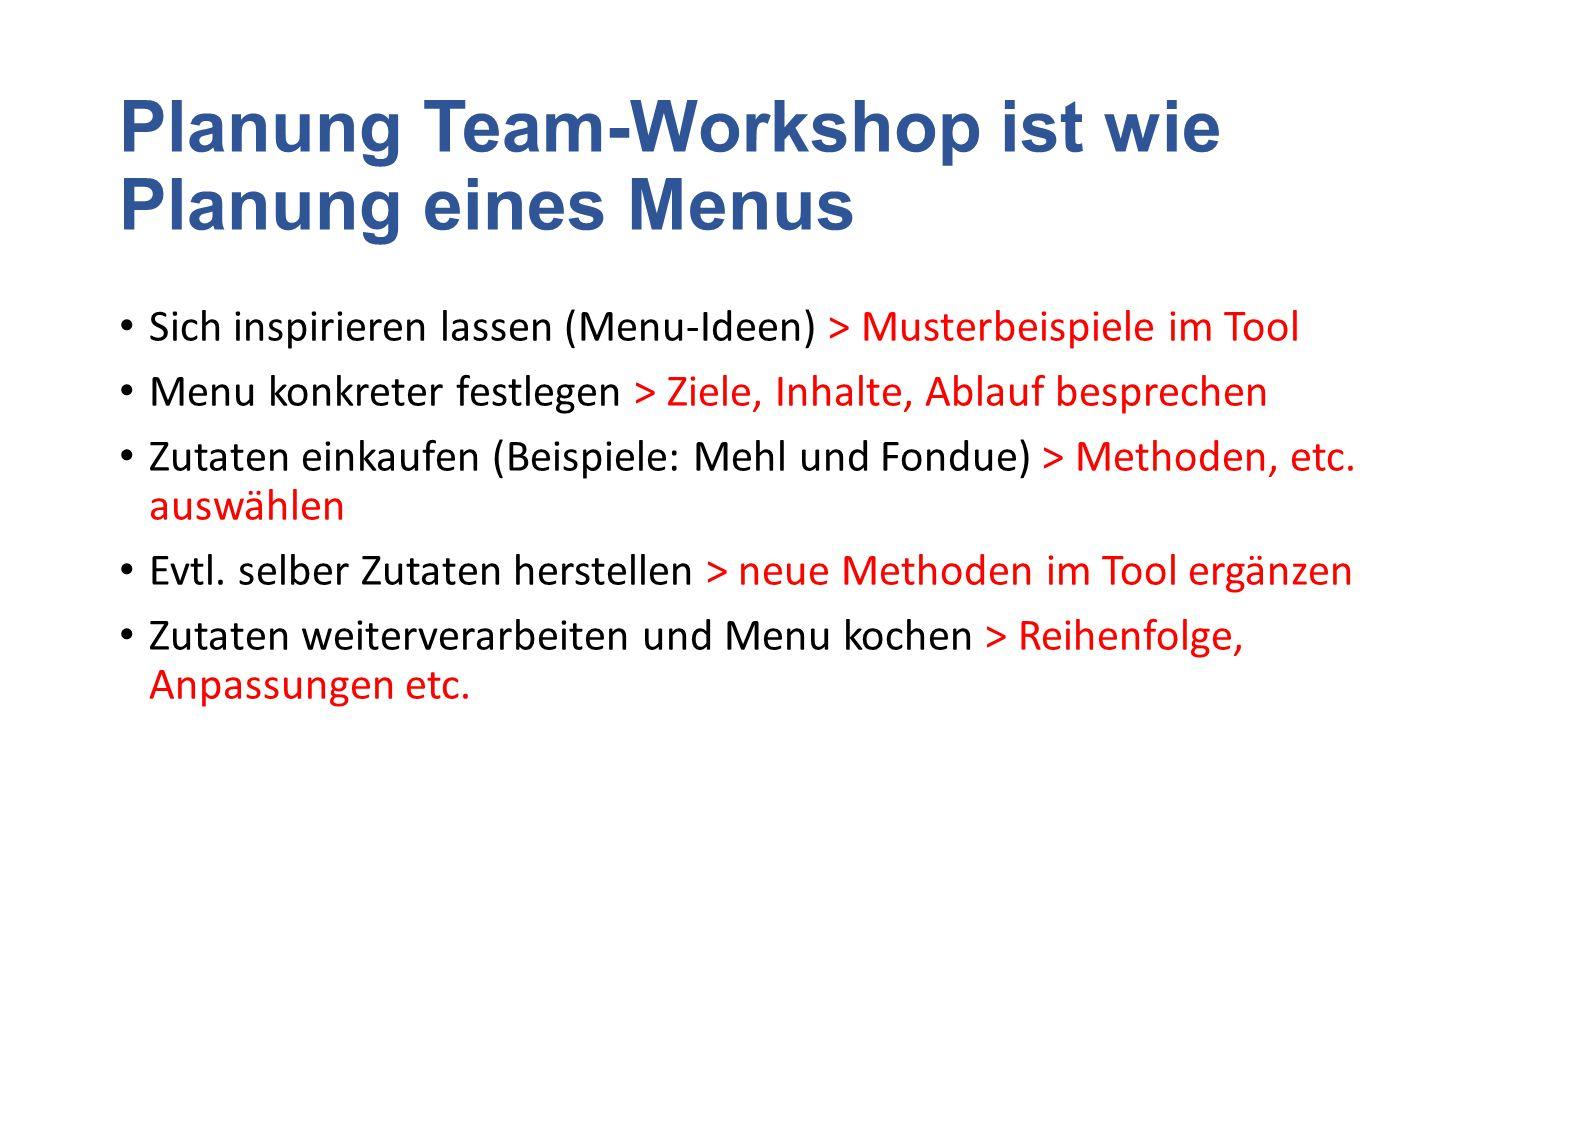 Planung Team-Workshop ist wie Planung eines Menus